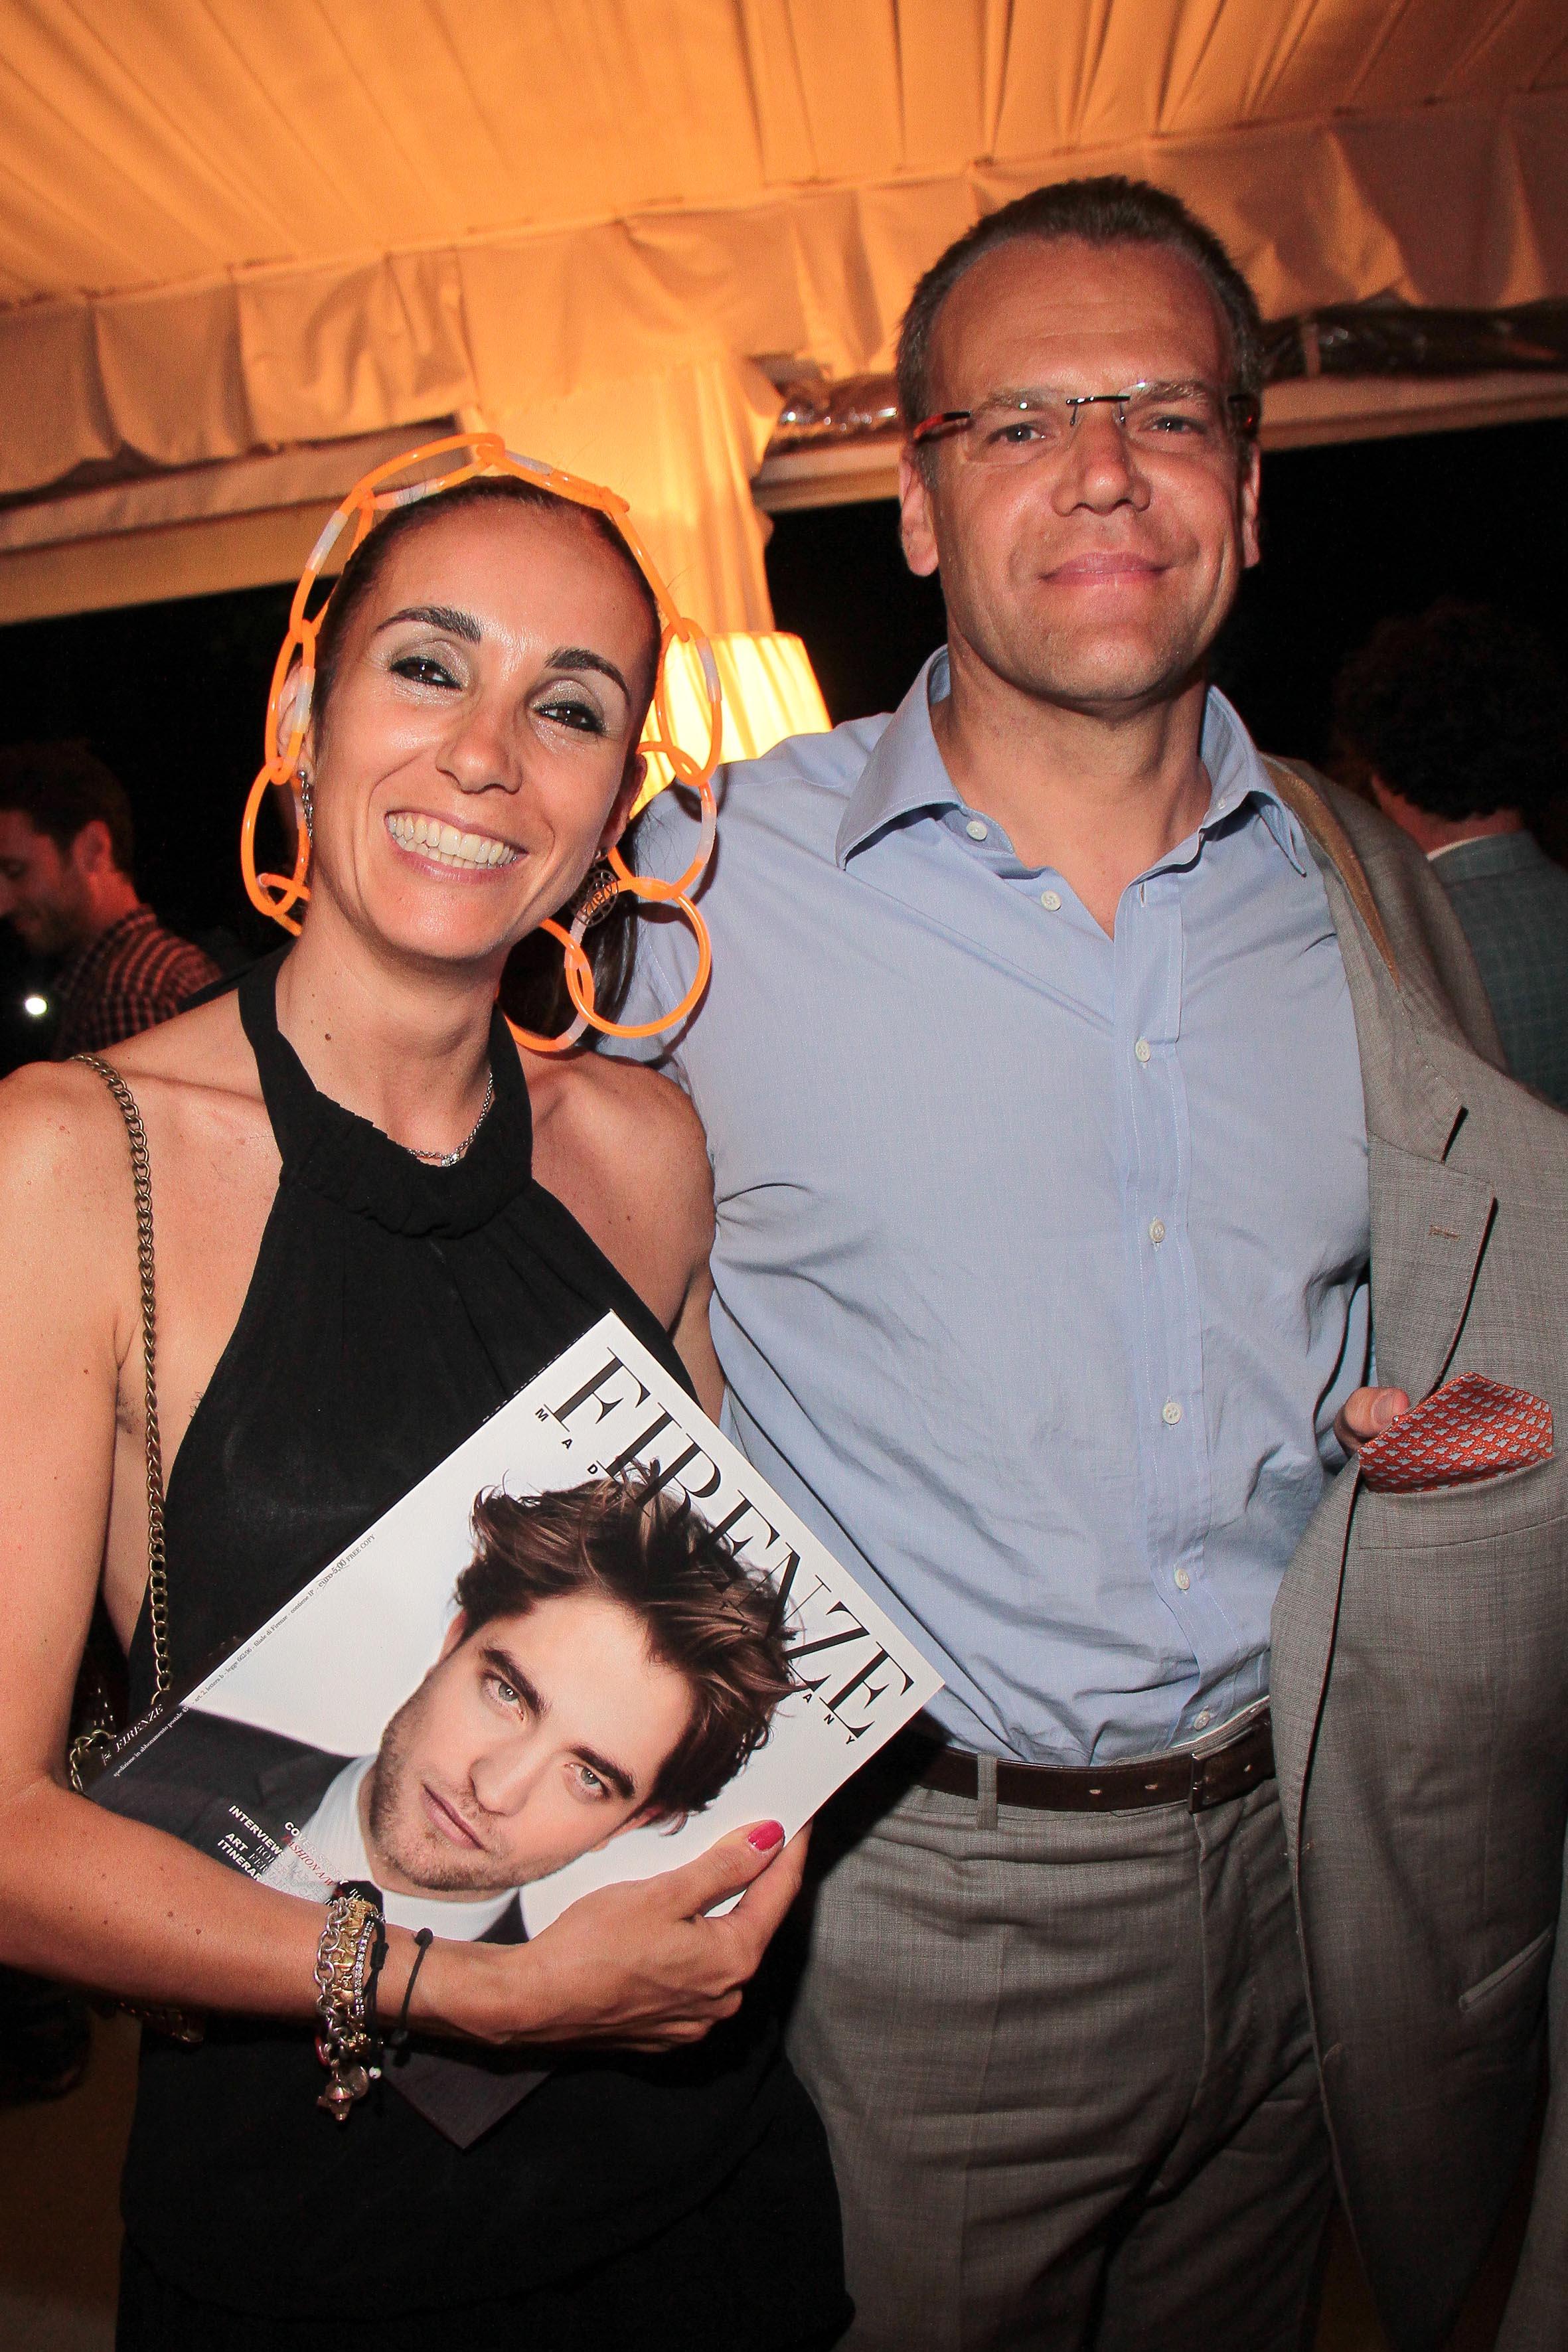 PRESSPHOTO Firenze, LOFT, evento Kocca. Nella foto Luca Bencini e Alessandra Bacci giuseppe cabras/new press photo